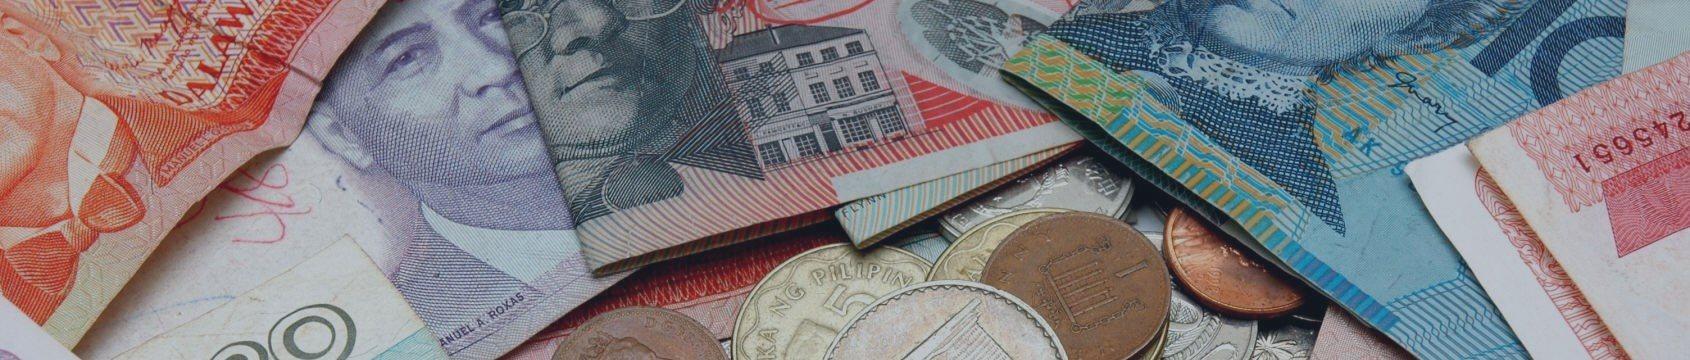 希腊利好反推欧/美暴跌 英镑渔翁得利成投资者新宠